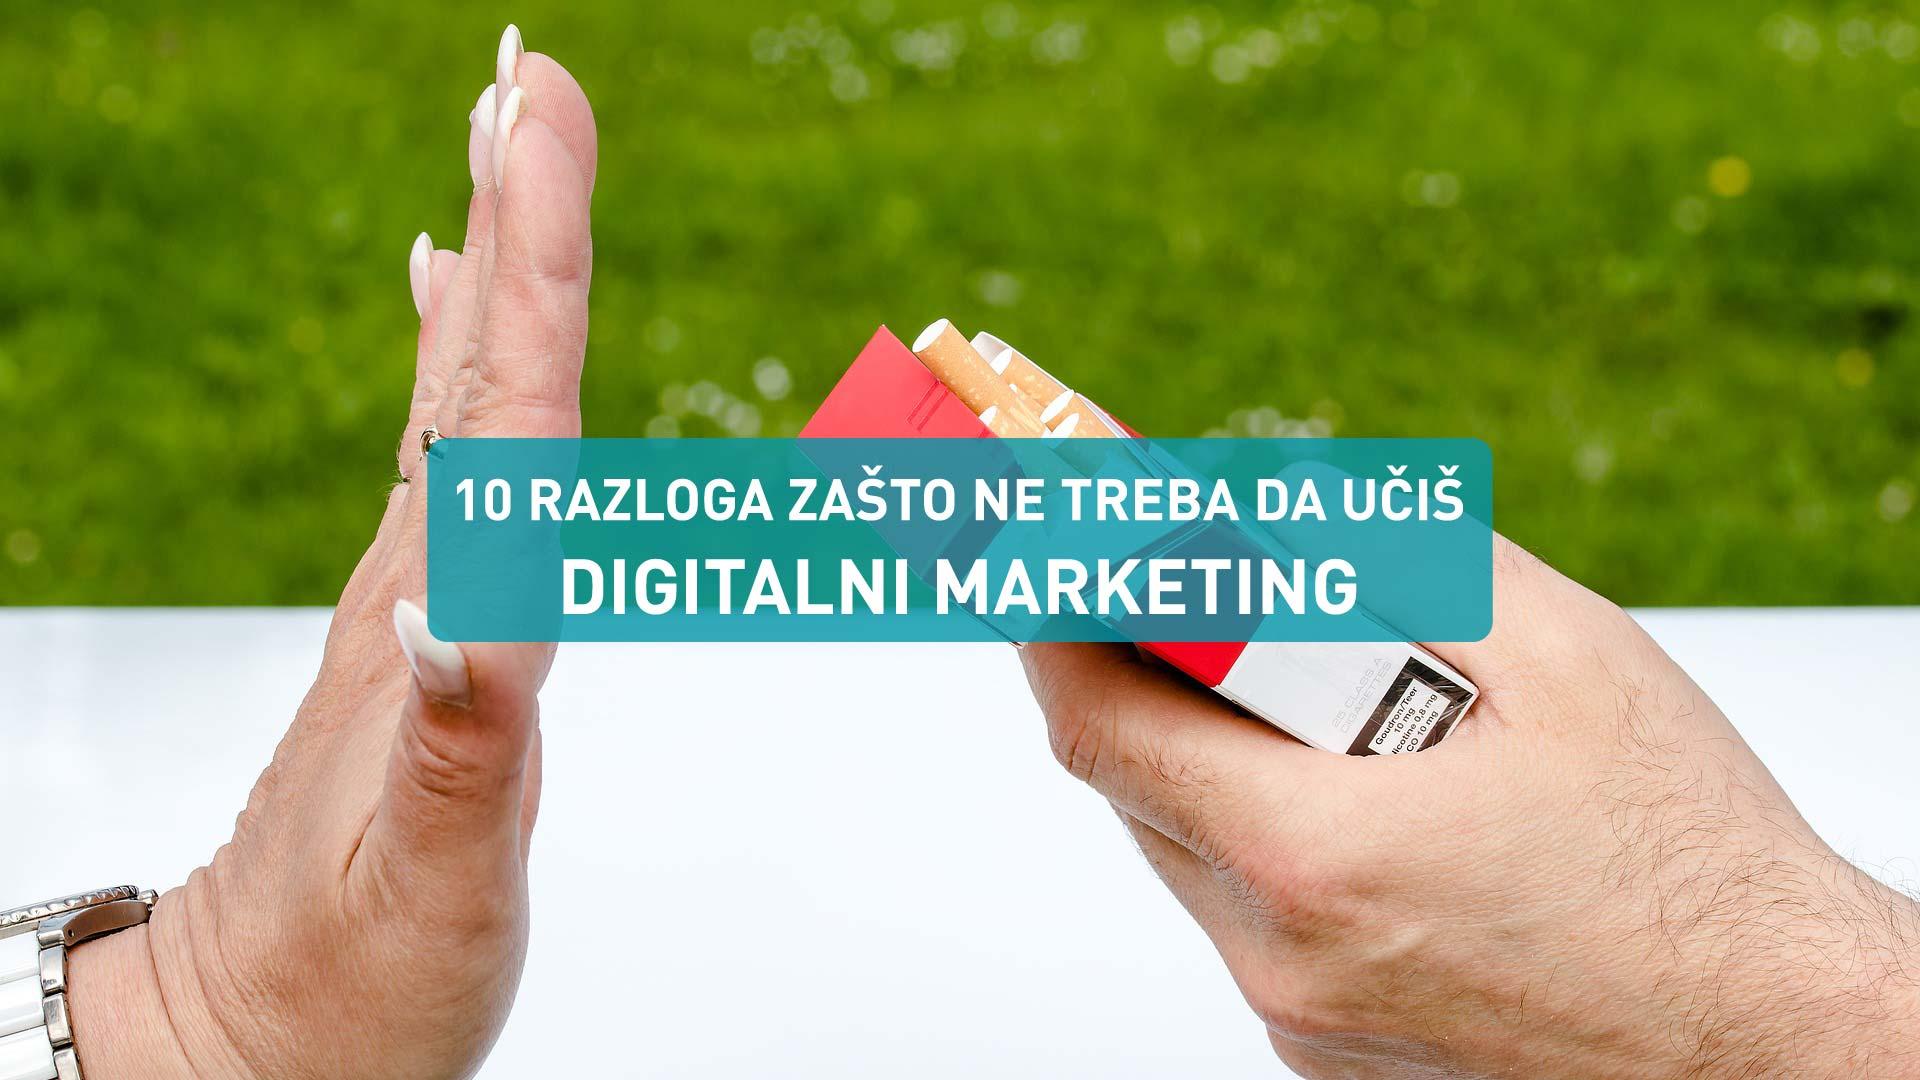 10 razloga zašto ne treba da učiš digitalni marketing